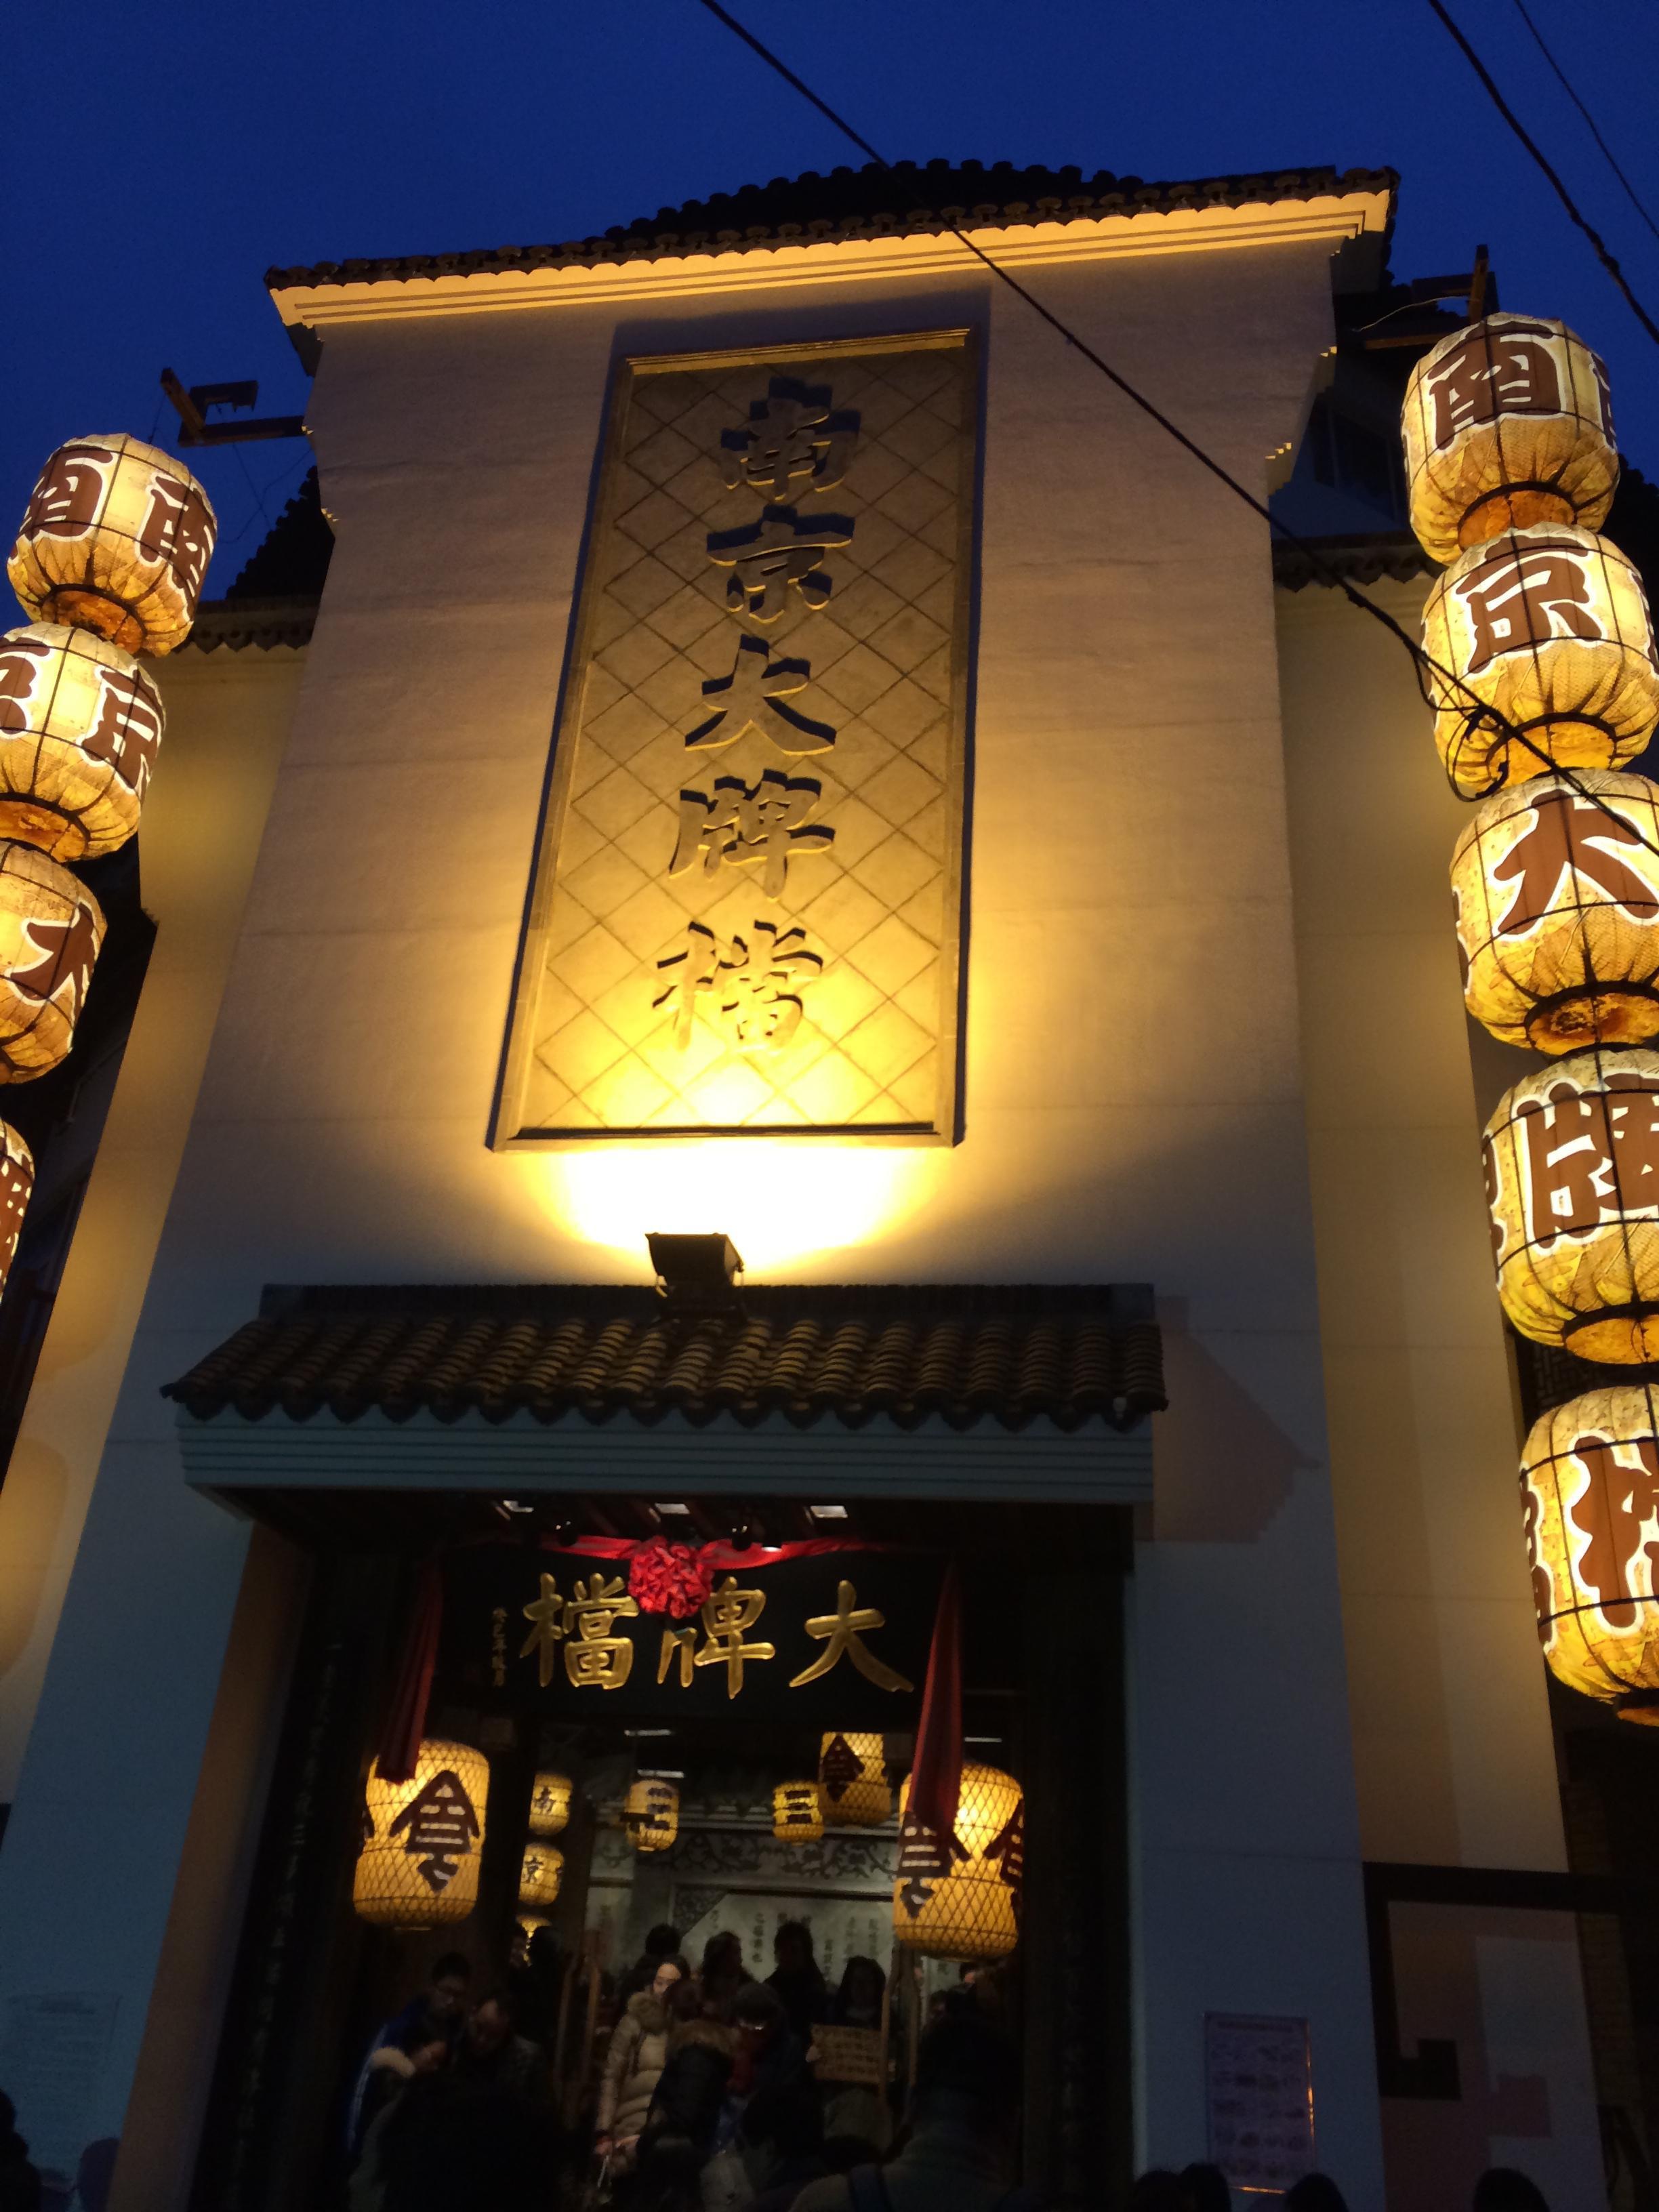 南京大牌档(德基广场店)天津装修设计费用图片